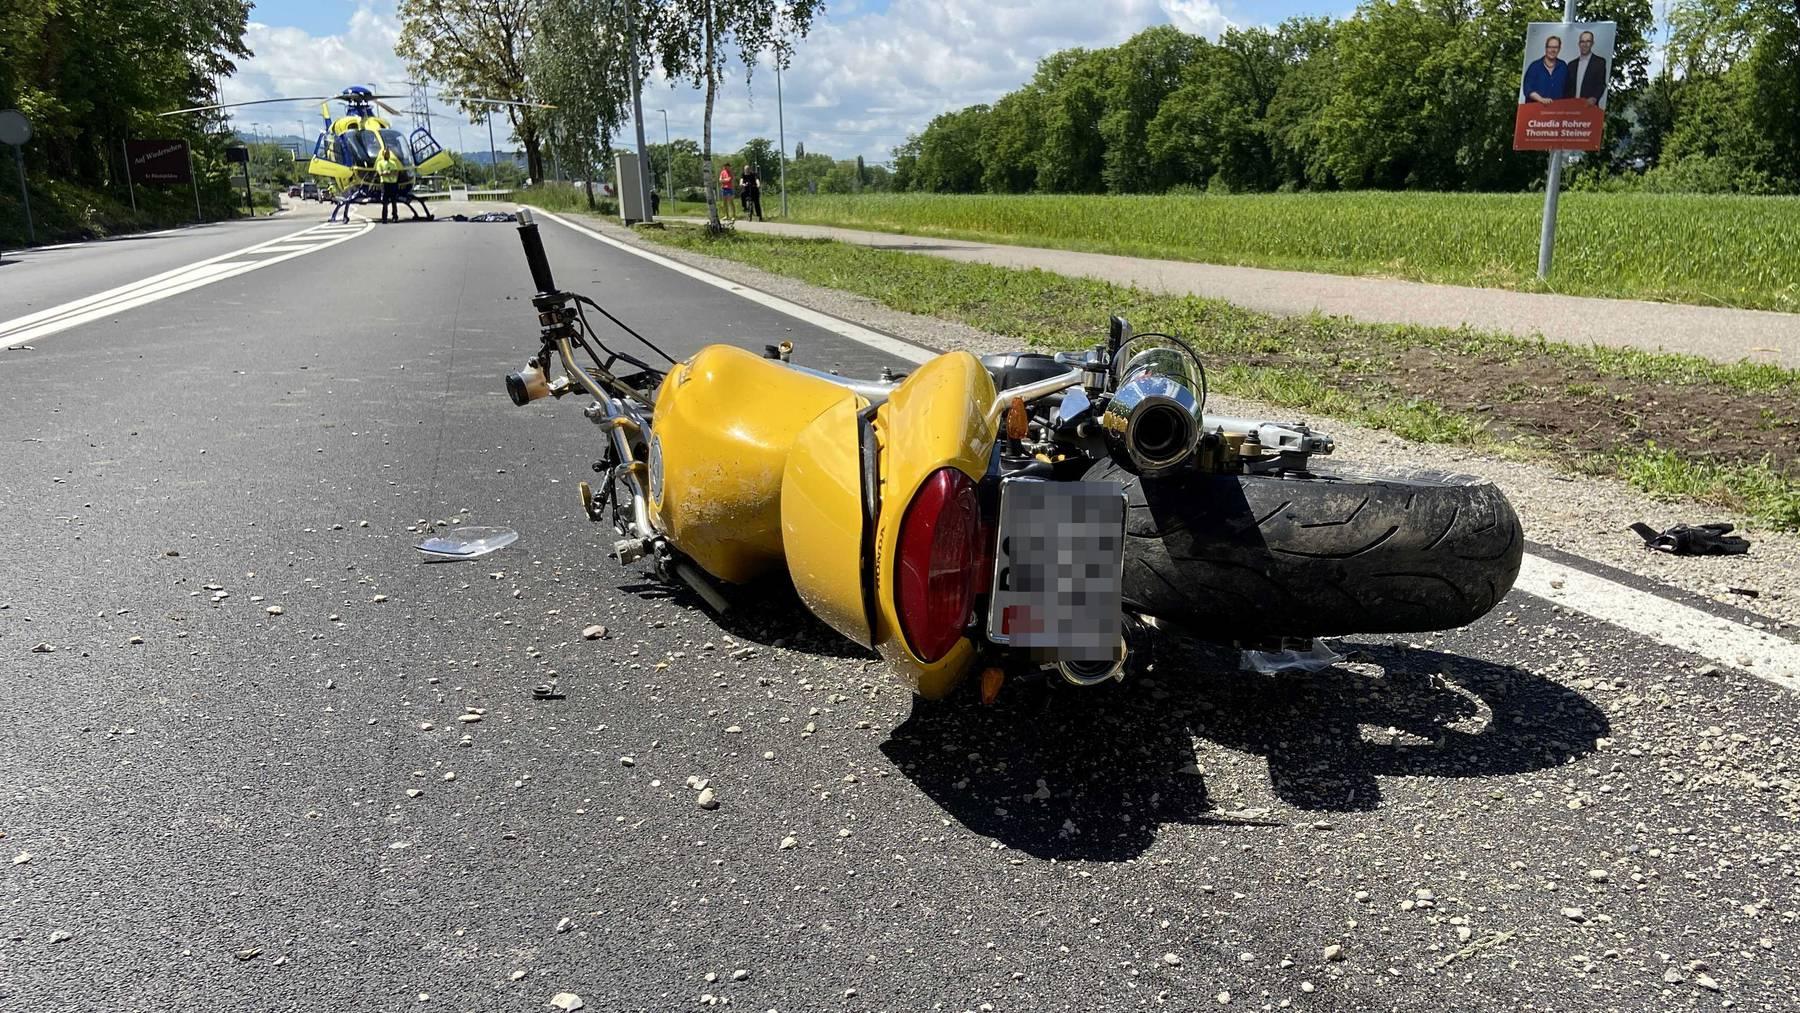 Der Motorradfahrer musste mit lebensbedrohlichen Verletzungen ins Spital geflogen werden.